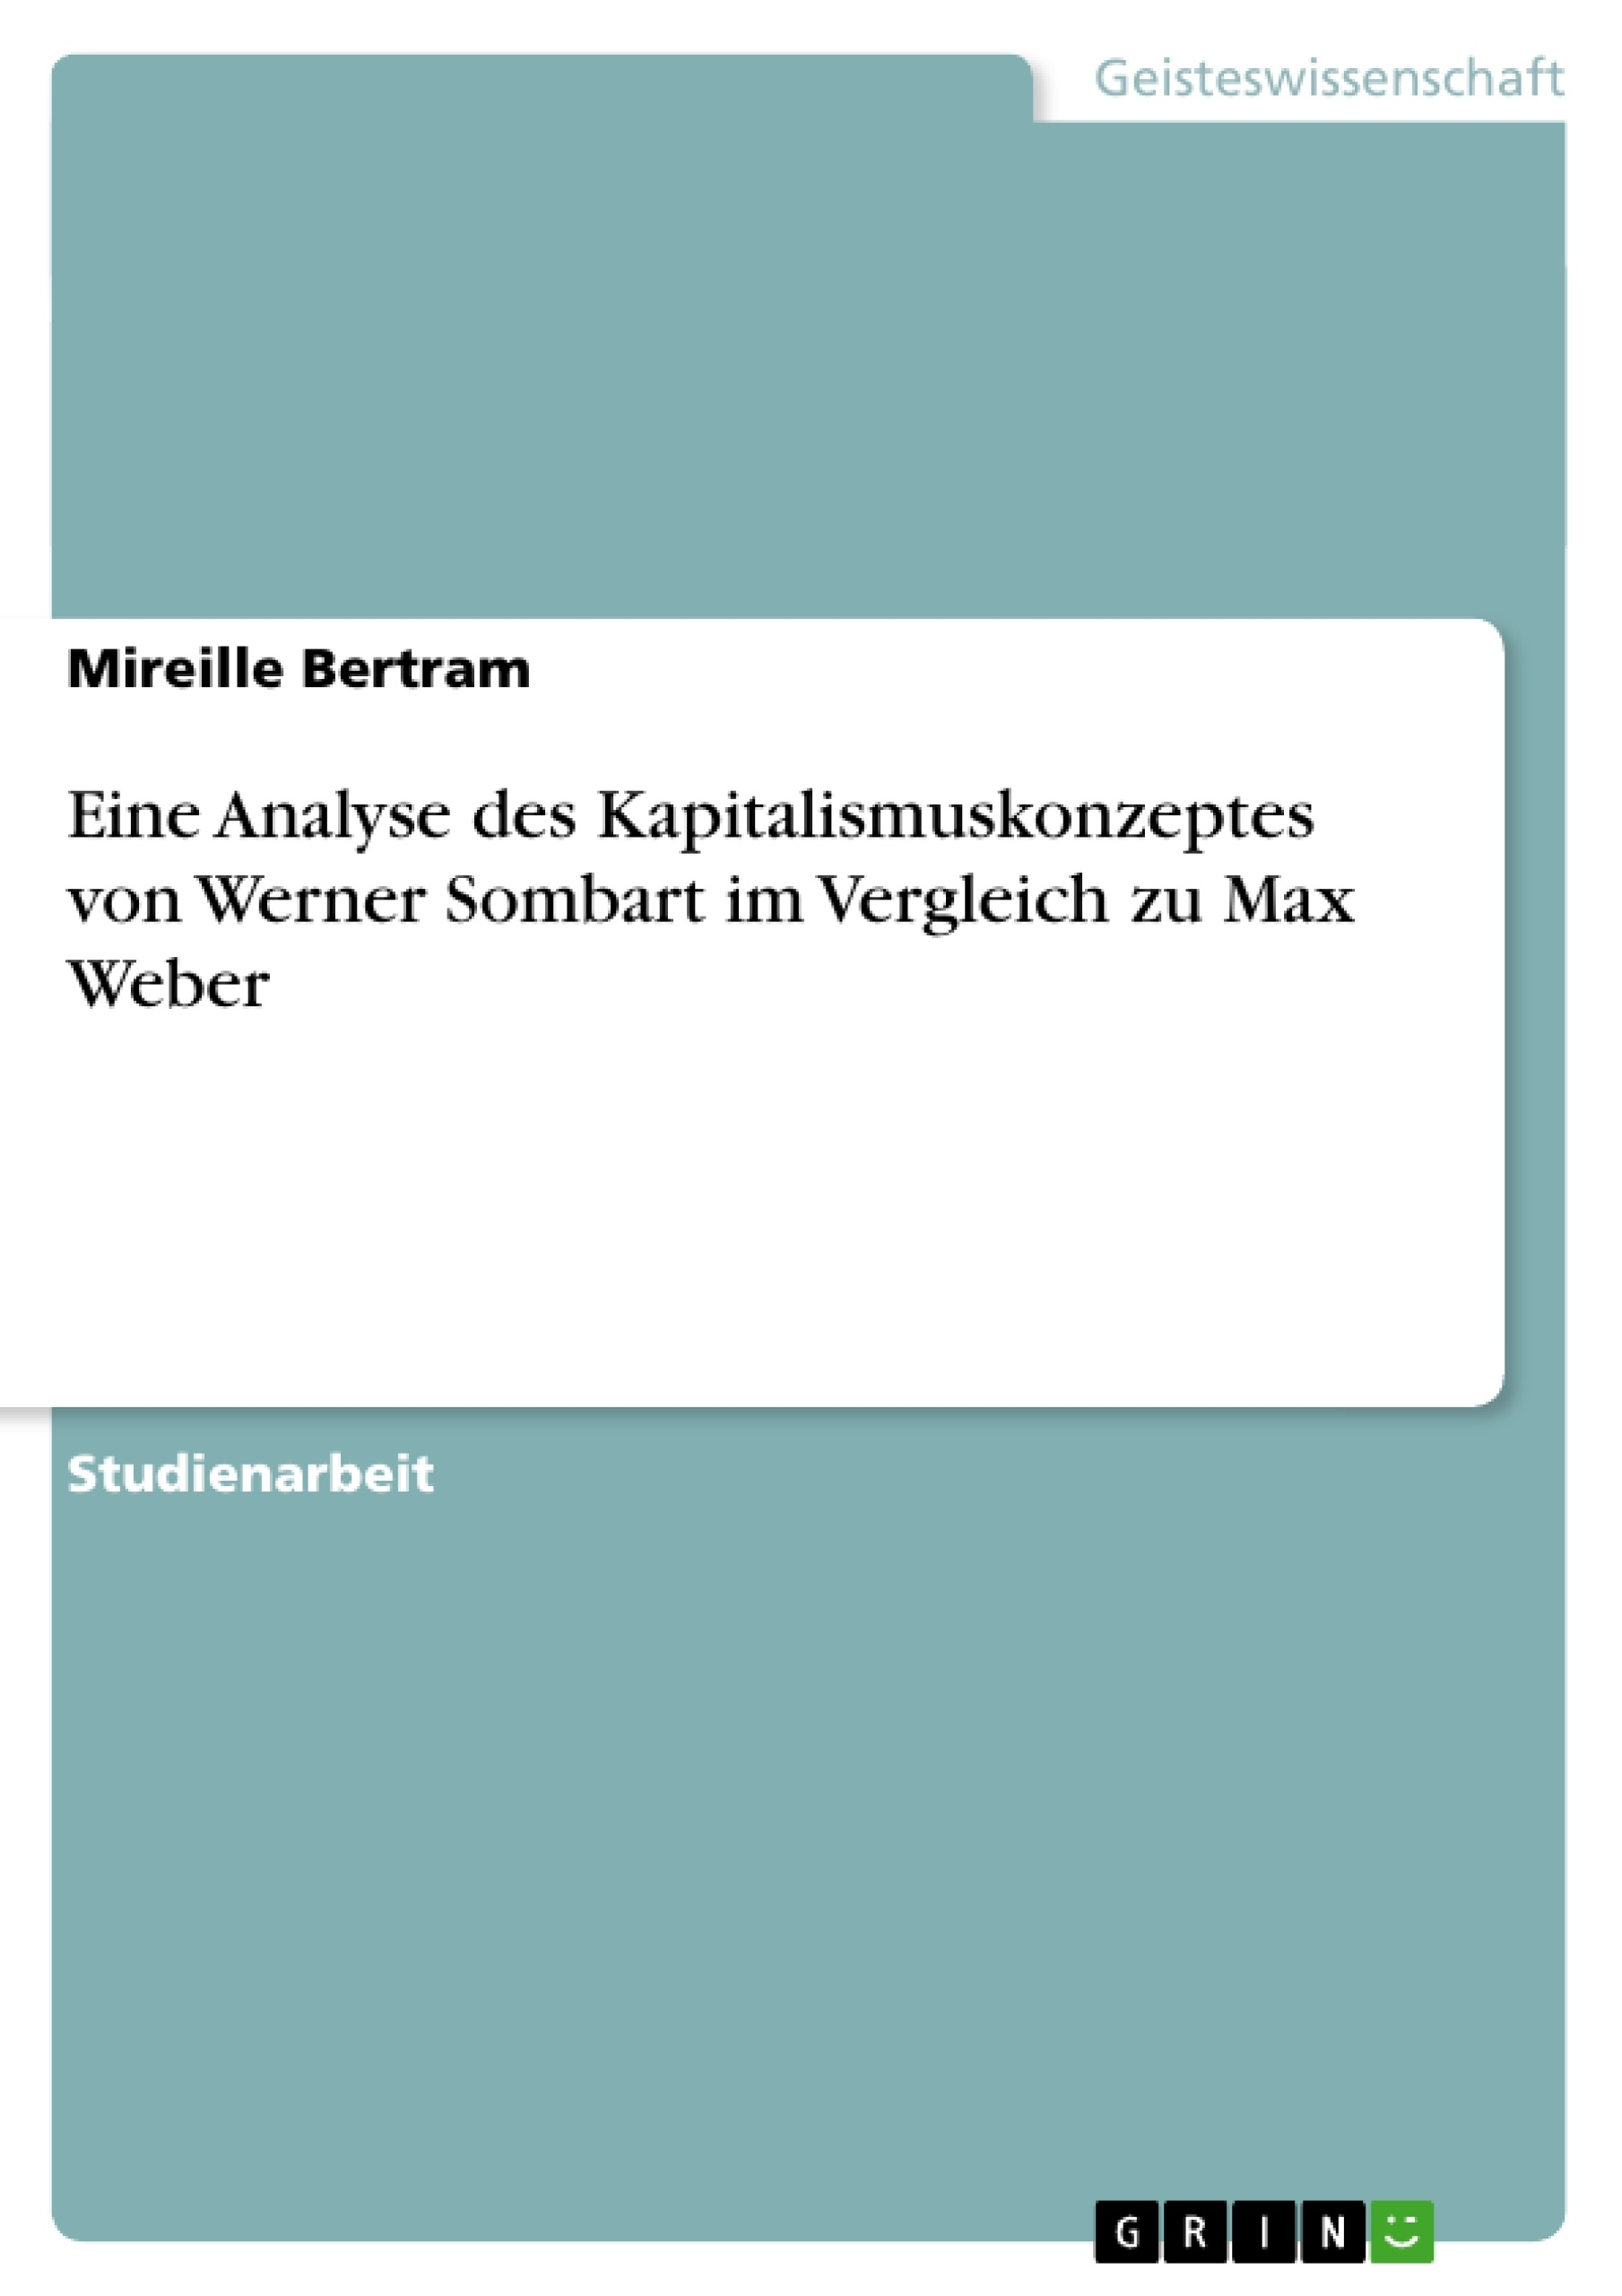 Titel: Eine Analyse des Kapitalismuskonzeptes von Werner Sombart im Vergleich zu Max Weber